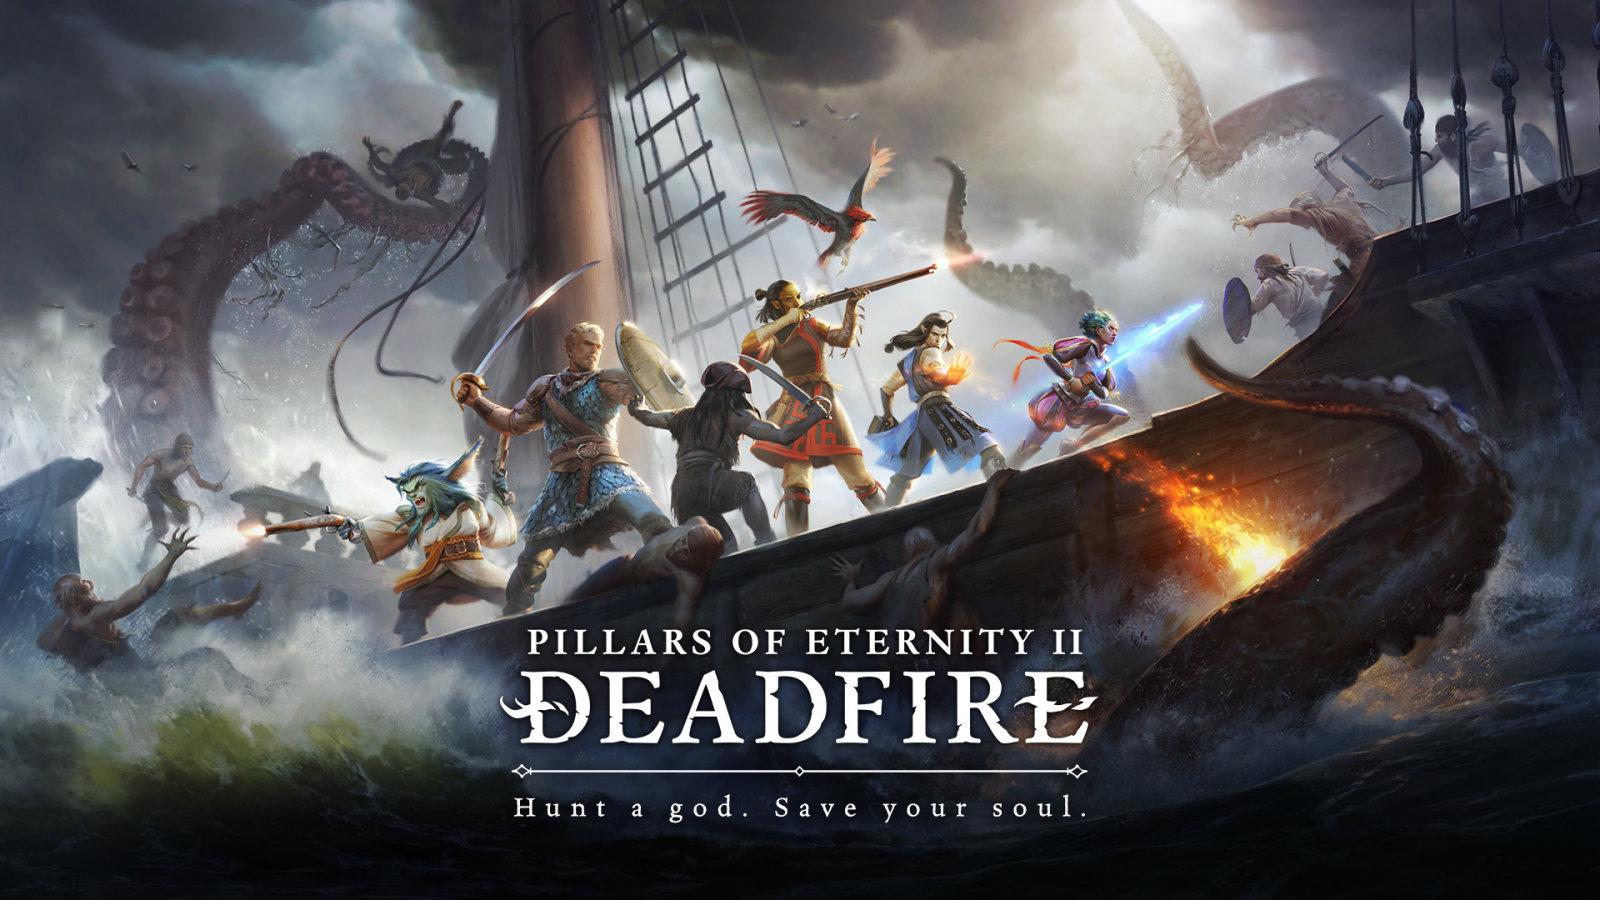 《永恒之柱2:死火》确定发售日:2018年4月4日